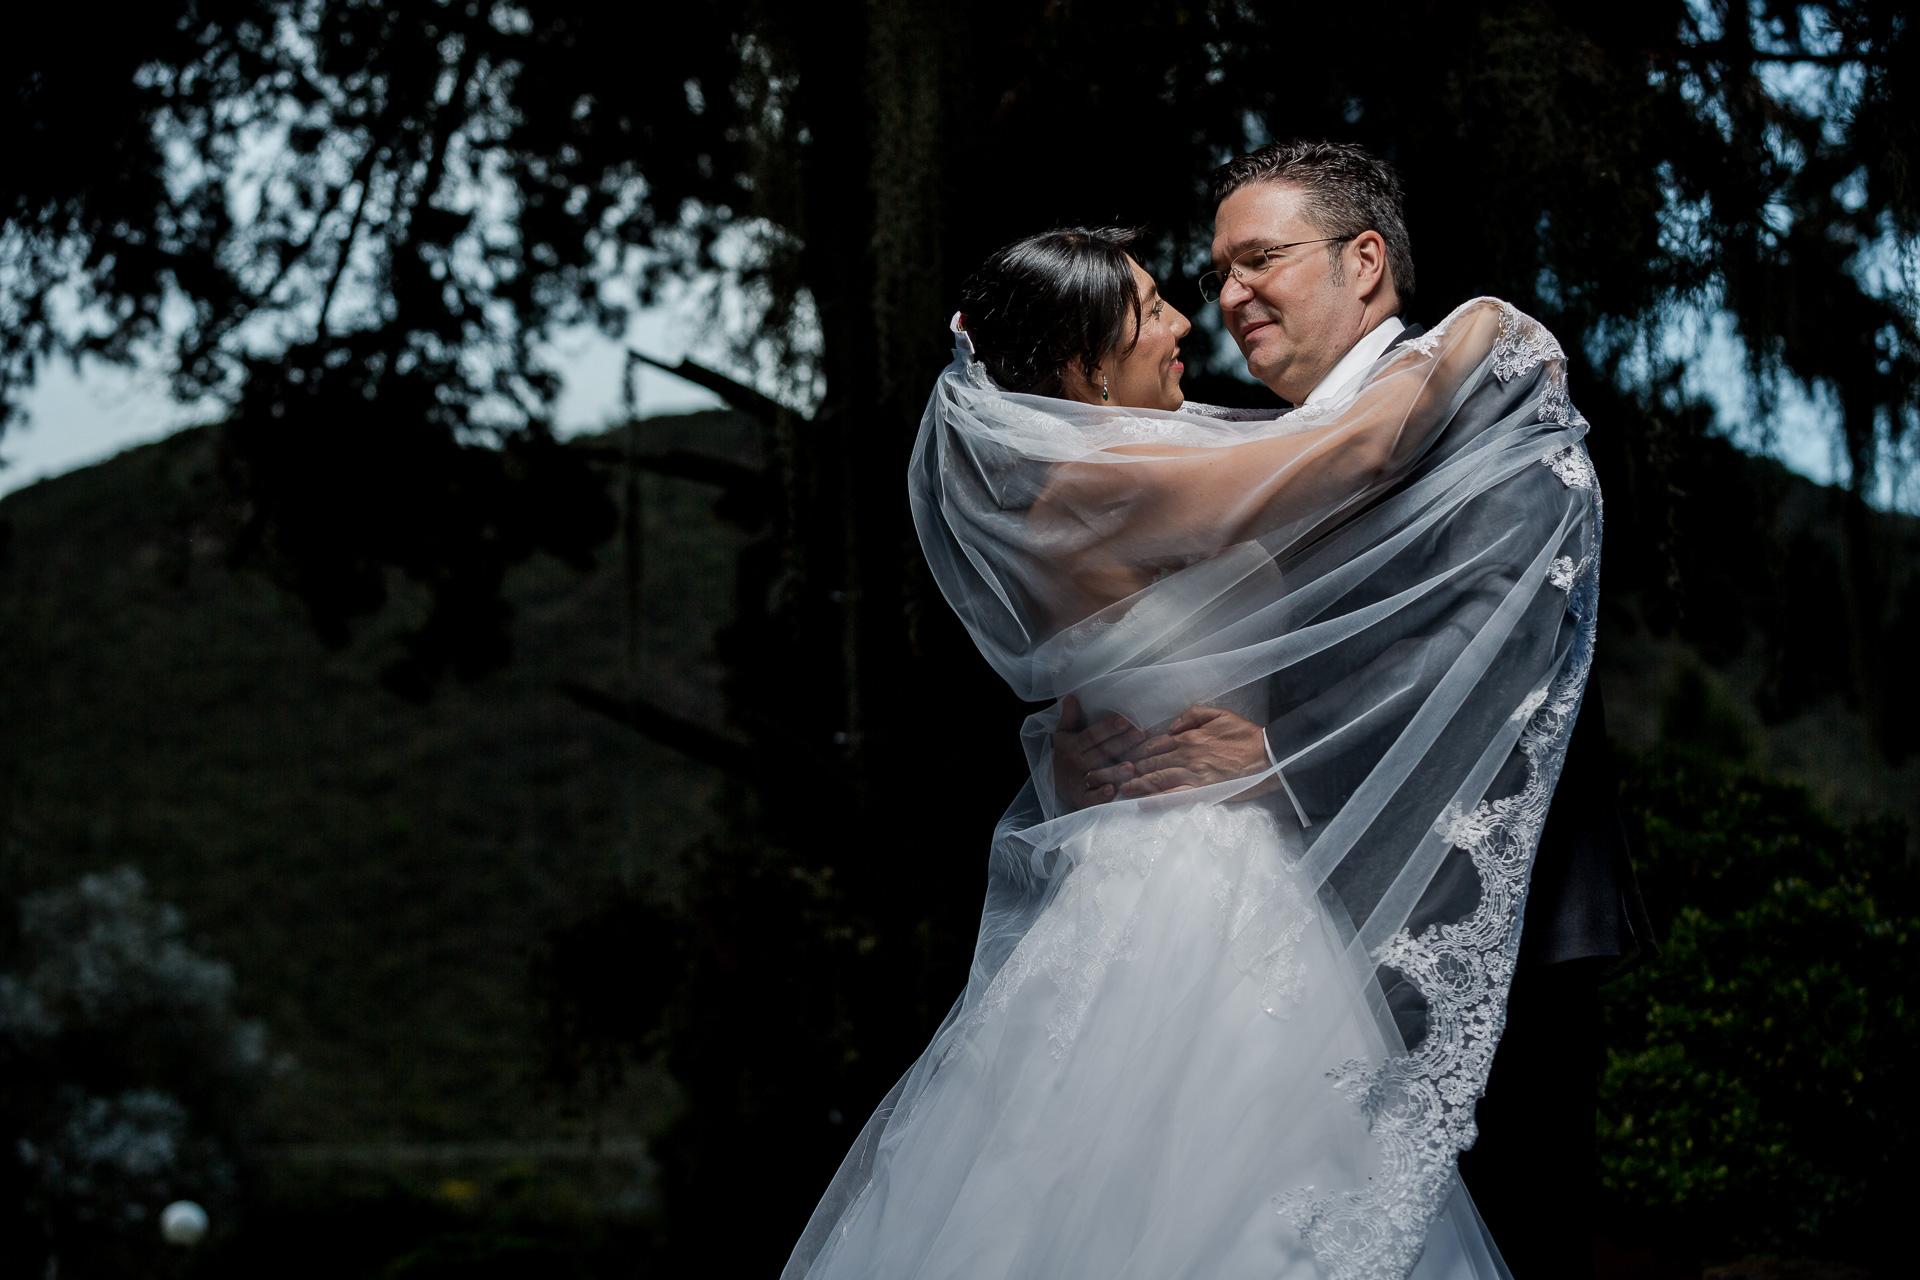 Fotógrafos-de-bodas-en-Colombia-Angela-y-Antonio-39 ANGELA Y ANTONIO